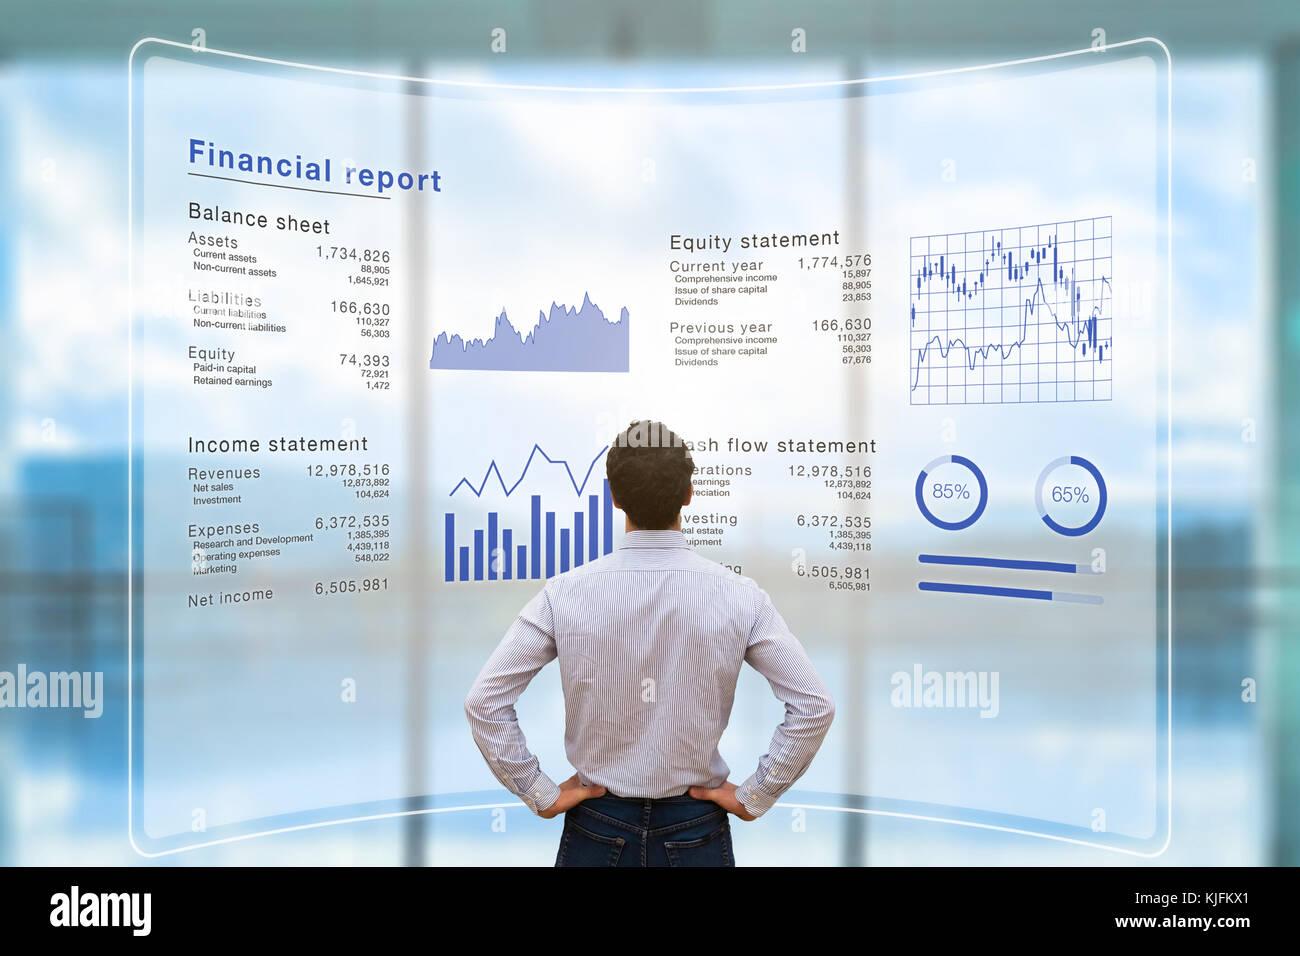 Empresario analizando datos de informe financiero de las operaciones de la compañía (balance, estado de ingresos) en la pantalla del ordenador virtual con gráfico de negocios Foto de stock